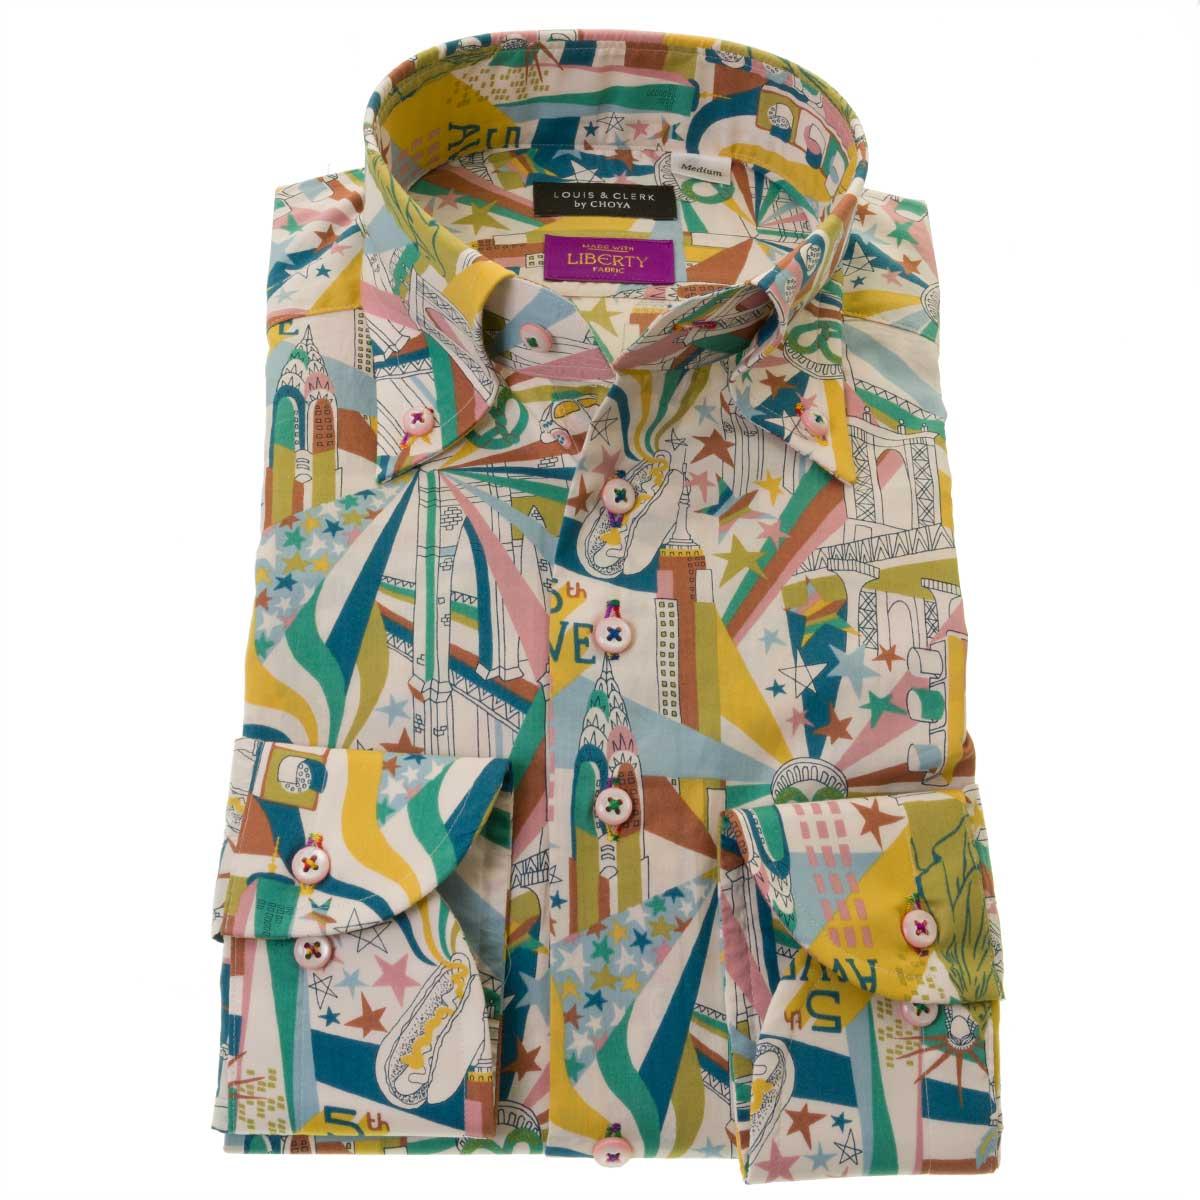 即納 シャツを着ていると旅行気分 リバティプリント タナローン 国産長袖綿100%ドレスシャツ コンフォート ボタンダウン 胸ポケット無 マンハッタン 2109_rld 新作続 OUTLETS リバティトラベルズ メンズ